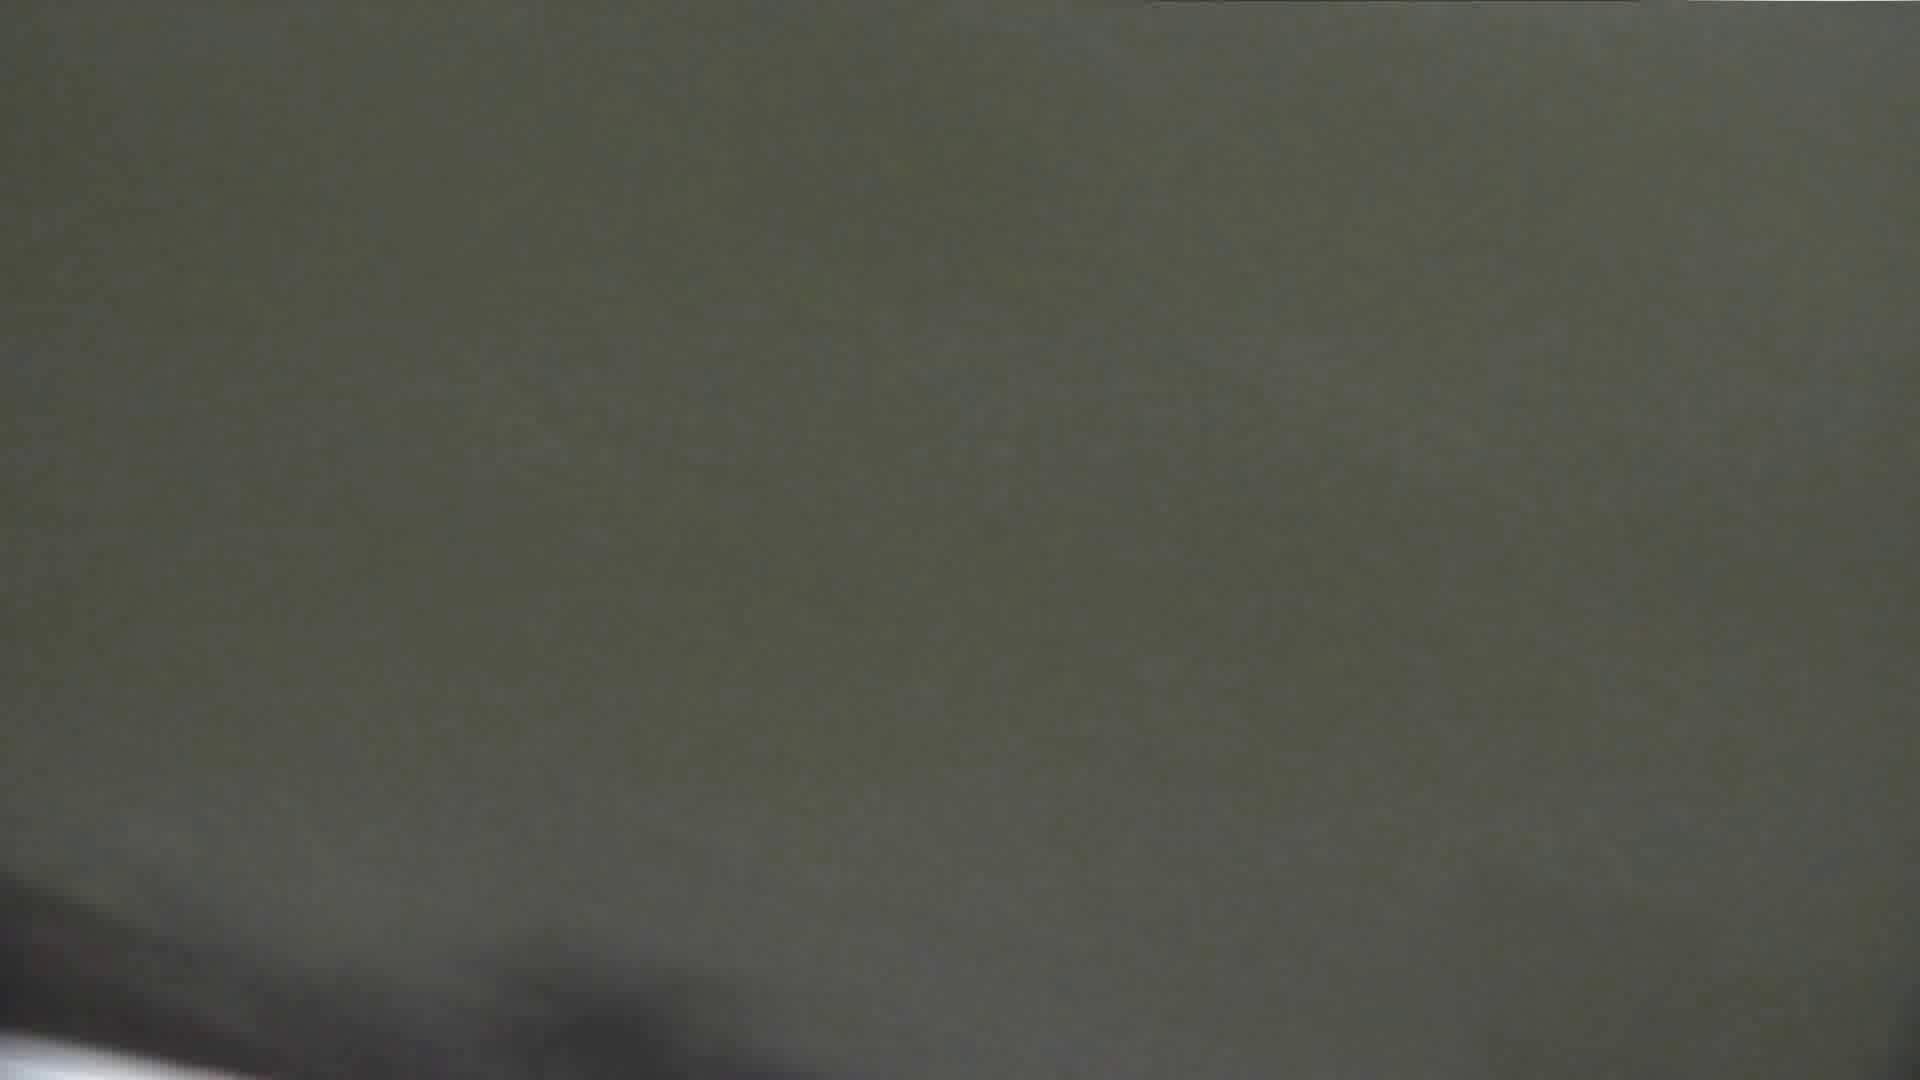 【美しき個室な世界】 vol.025 メガネ属性ヾ(´∀`)ノ 高評価  112PIX 105